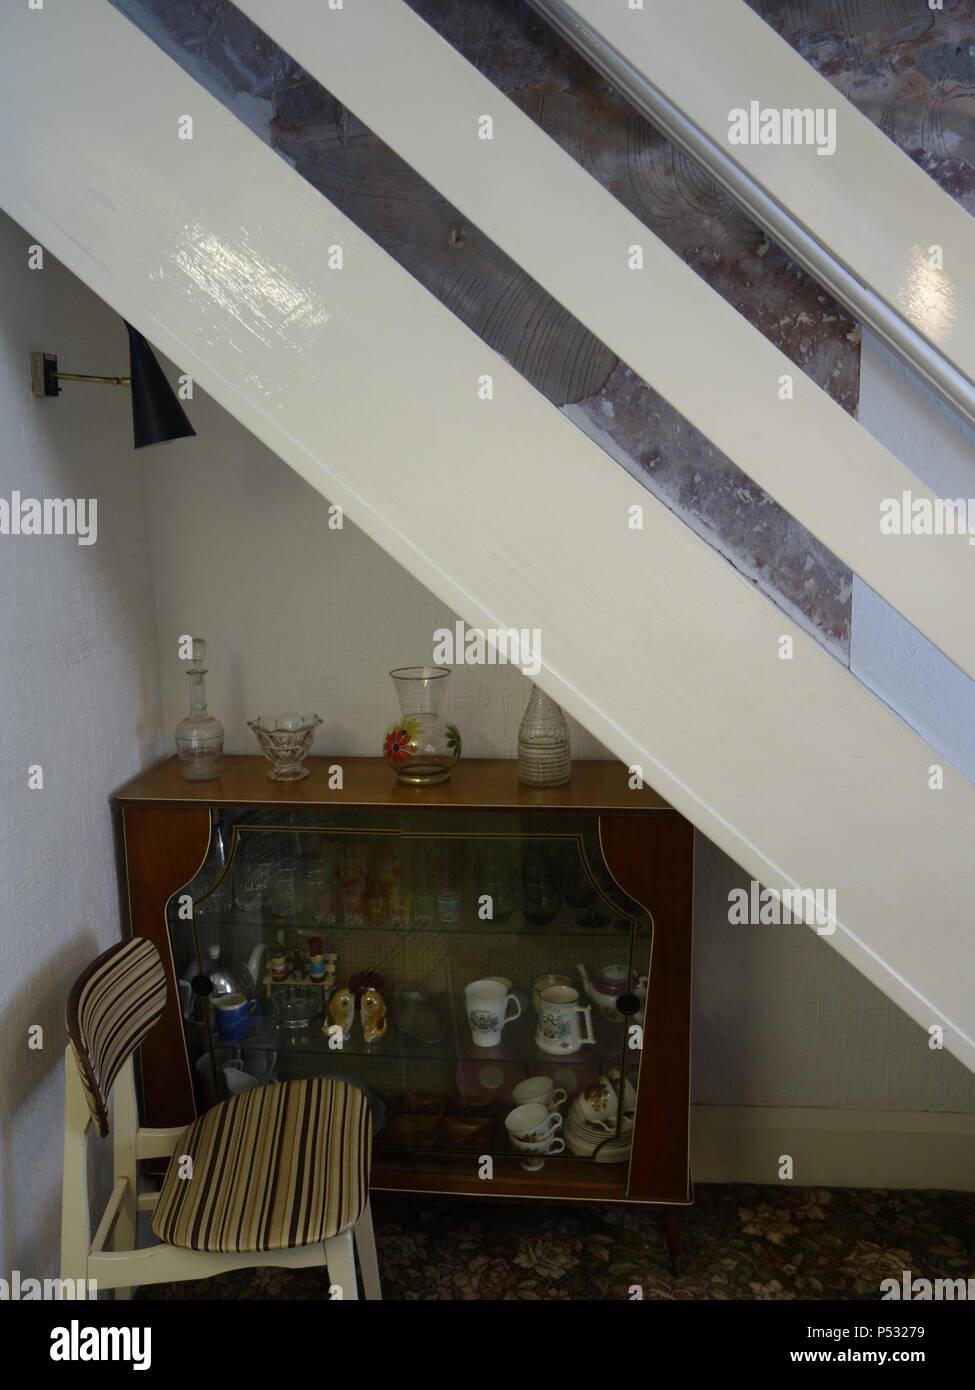 Vintage Zimmer einrichten als 1969 Time Capsule Stockfoto, Bild ...